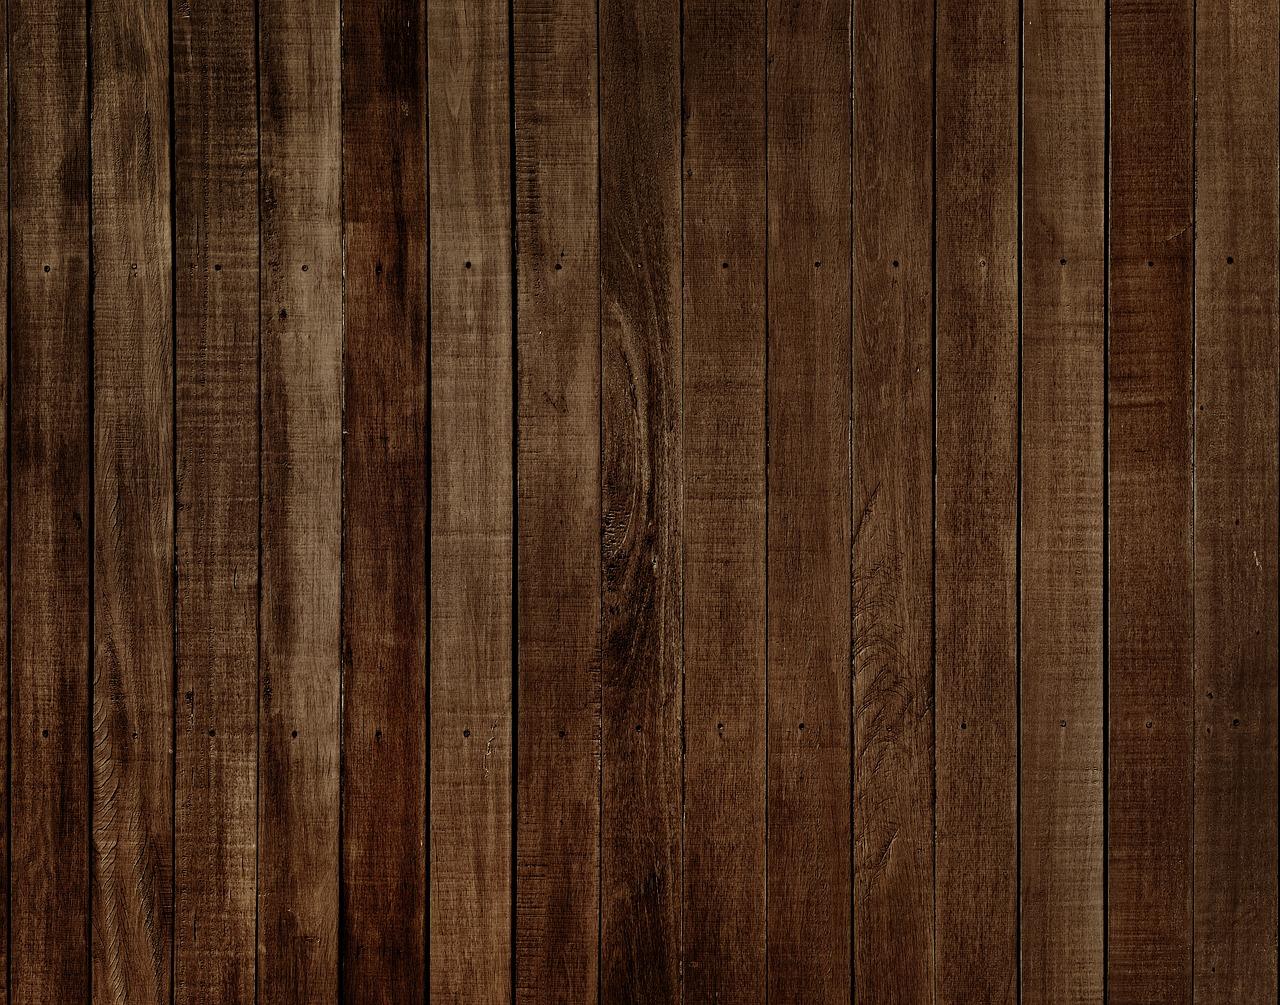 engineered hardwood